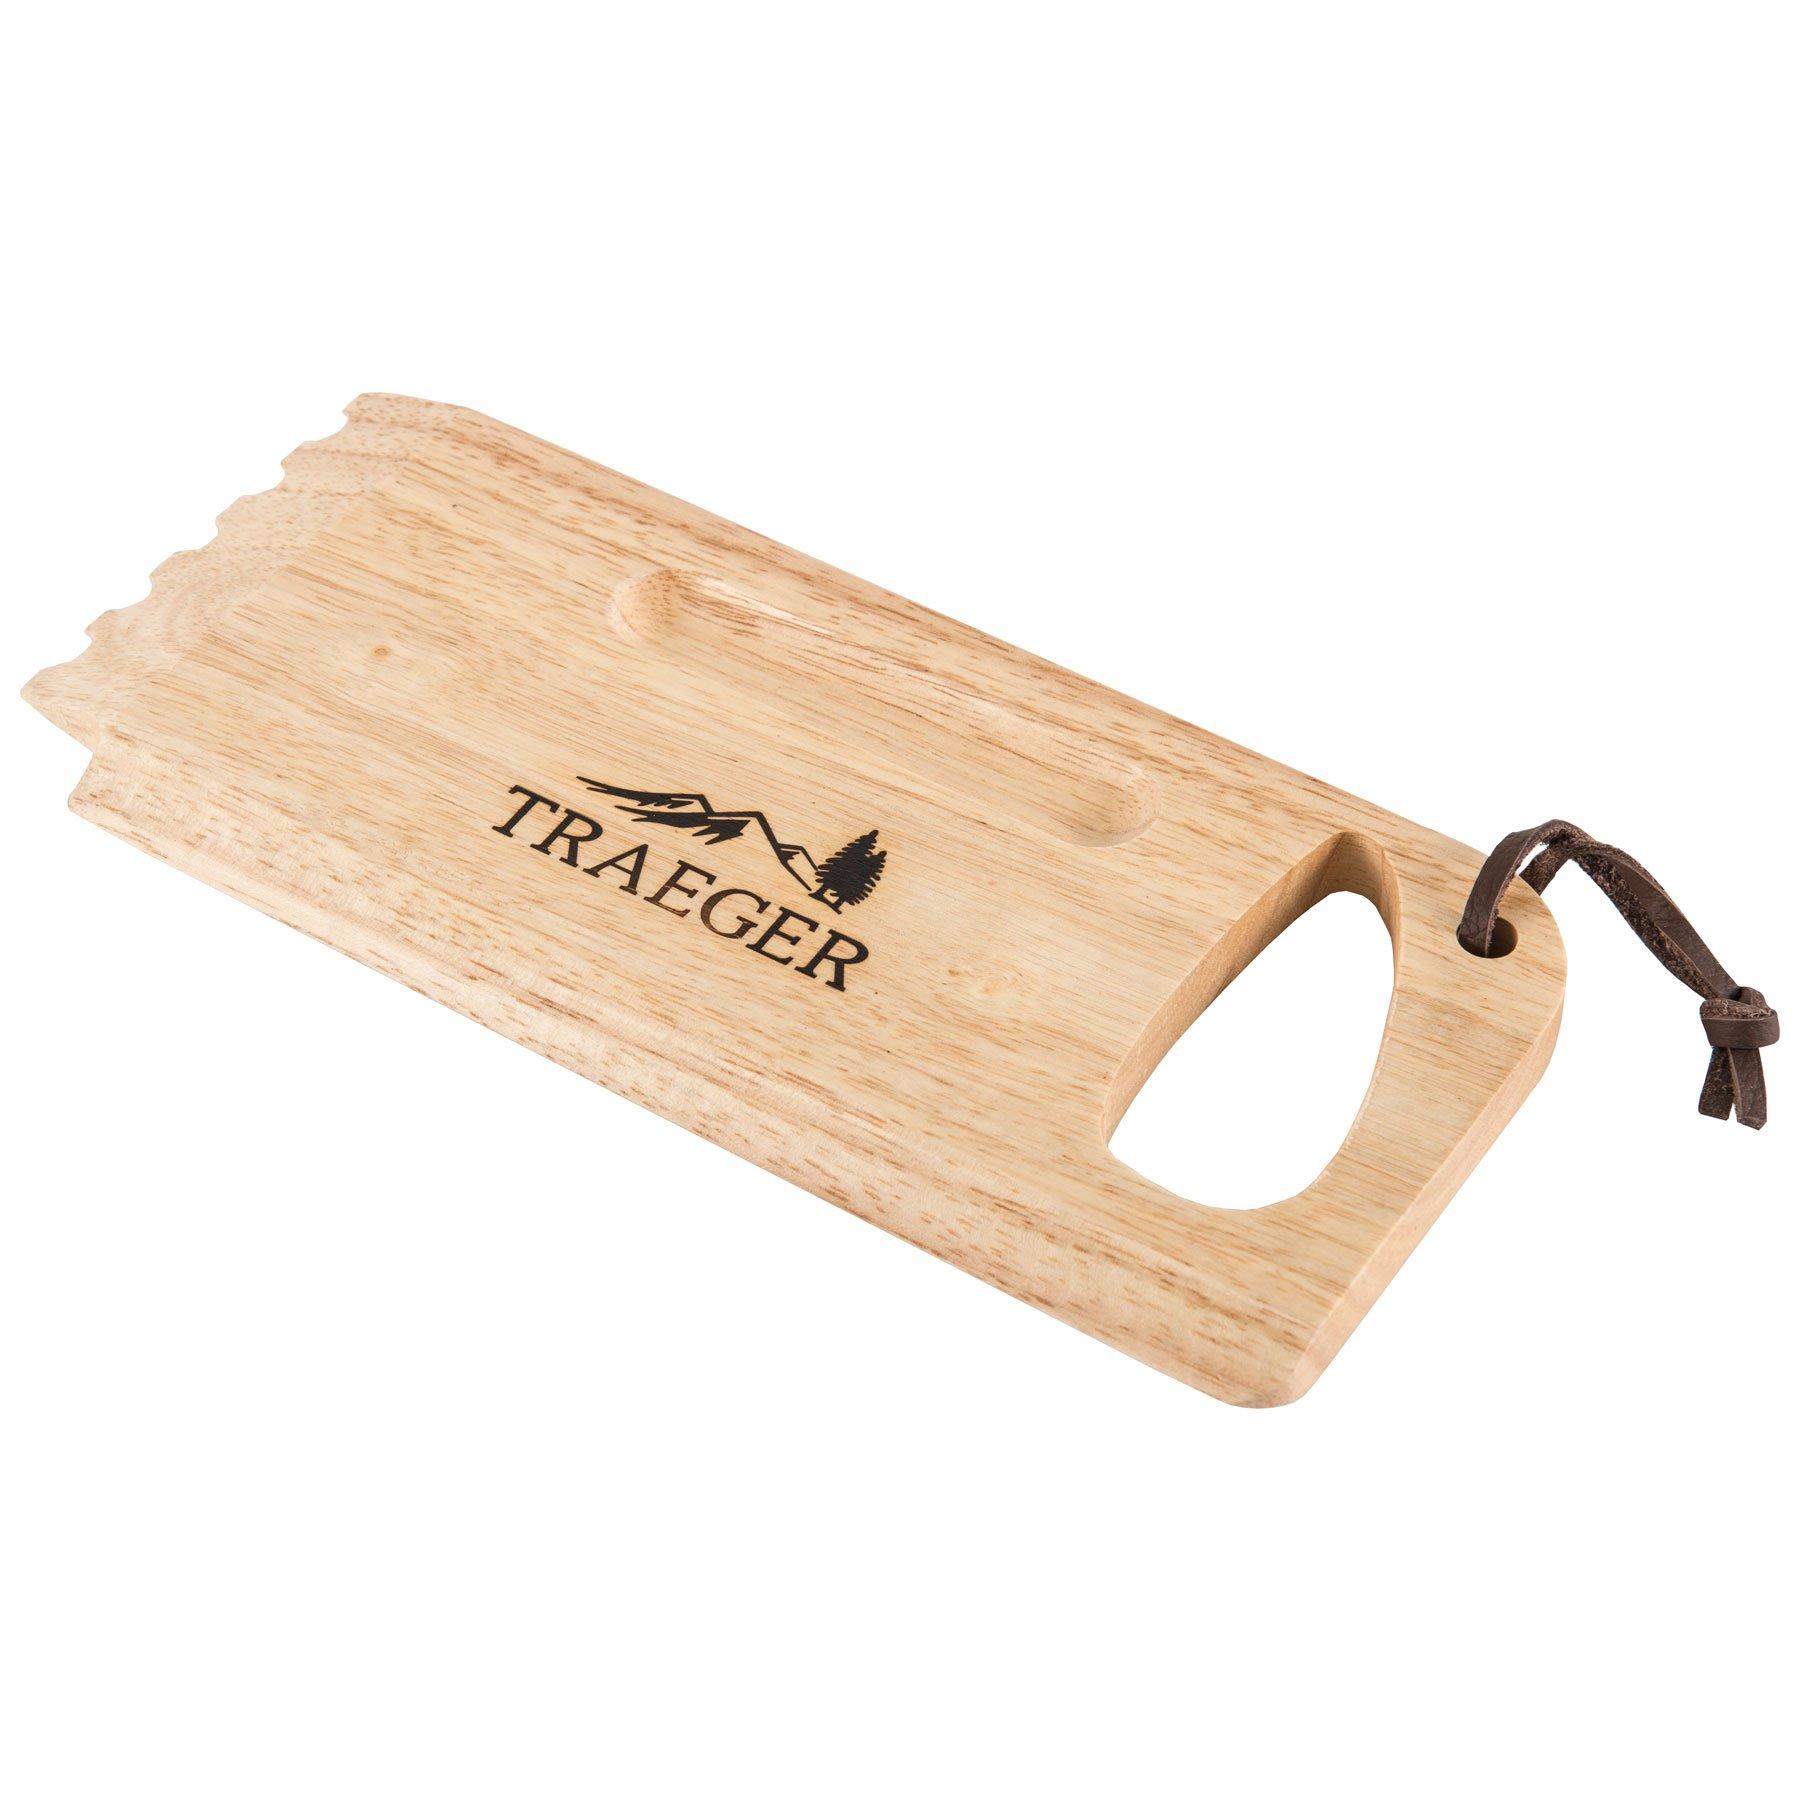 Traeger BAC454 Wooden Scape Grill Scraper, Wood